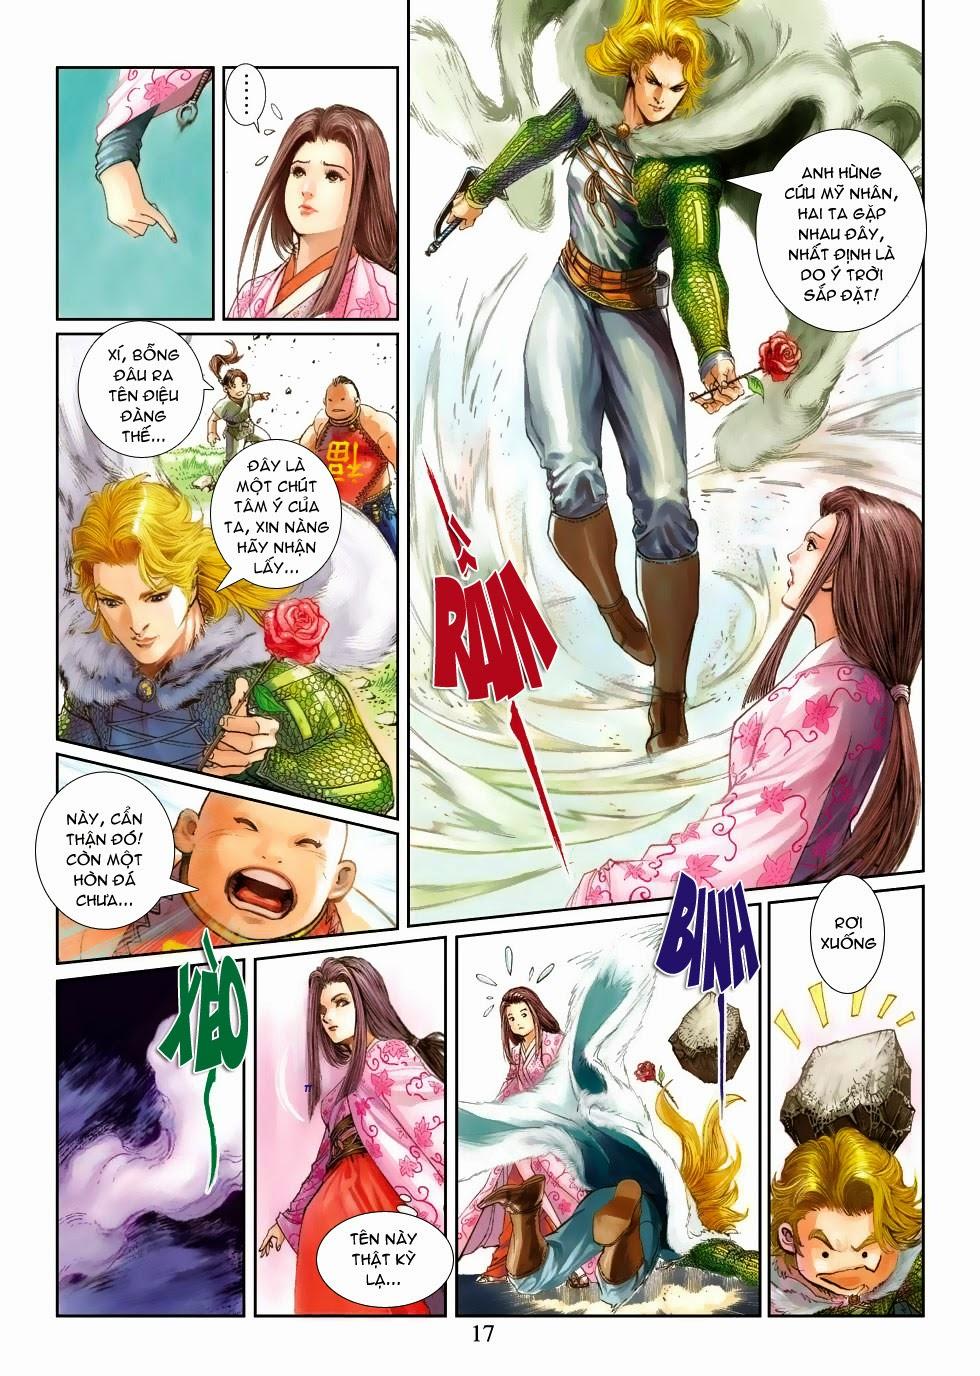 Thần Binh Tiền Truyện 4 - Huyền Thiên Tà Đế chap 3 - Trang 17